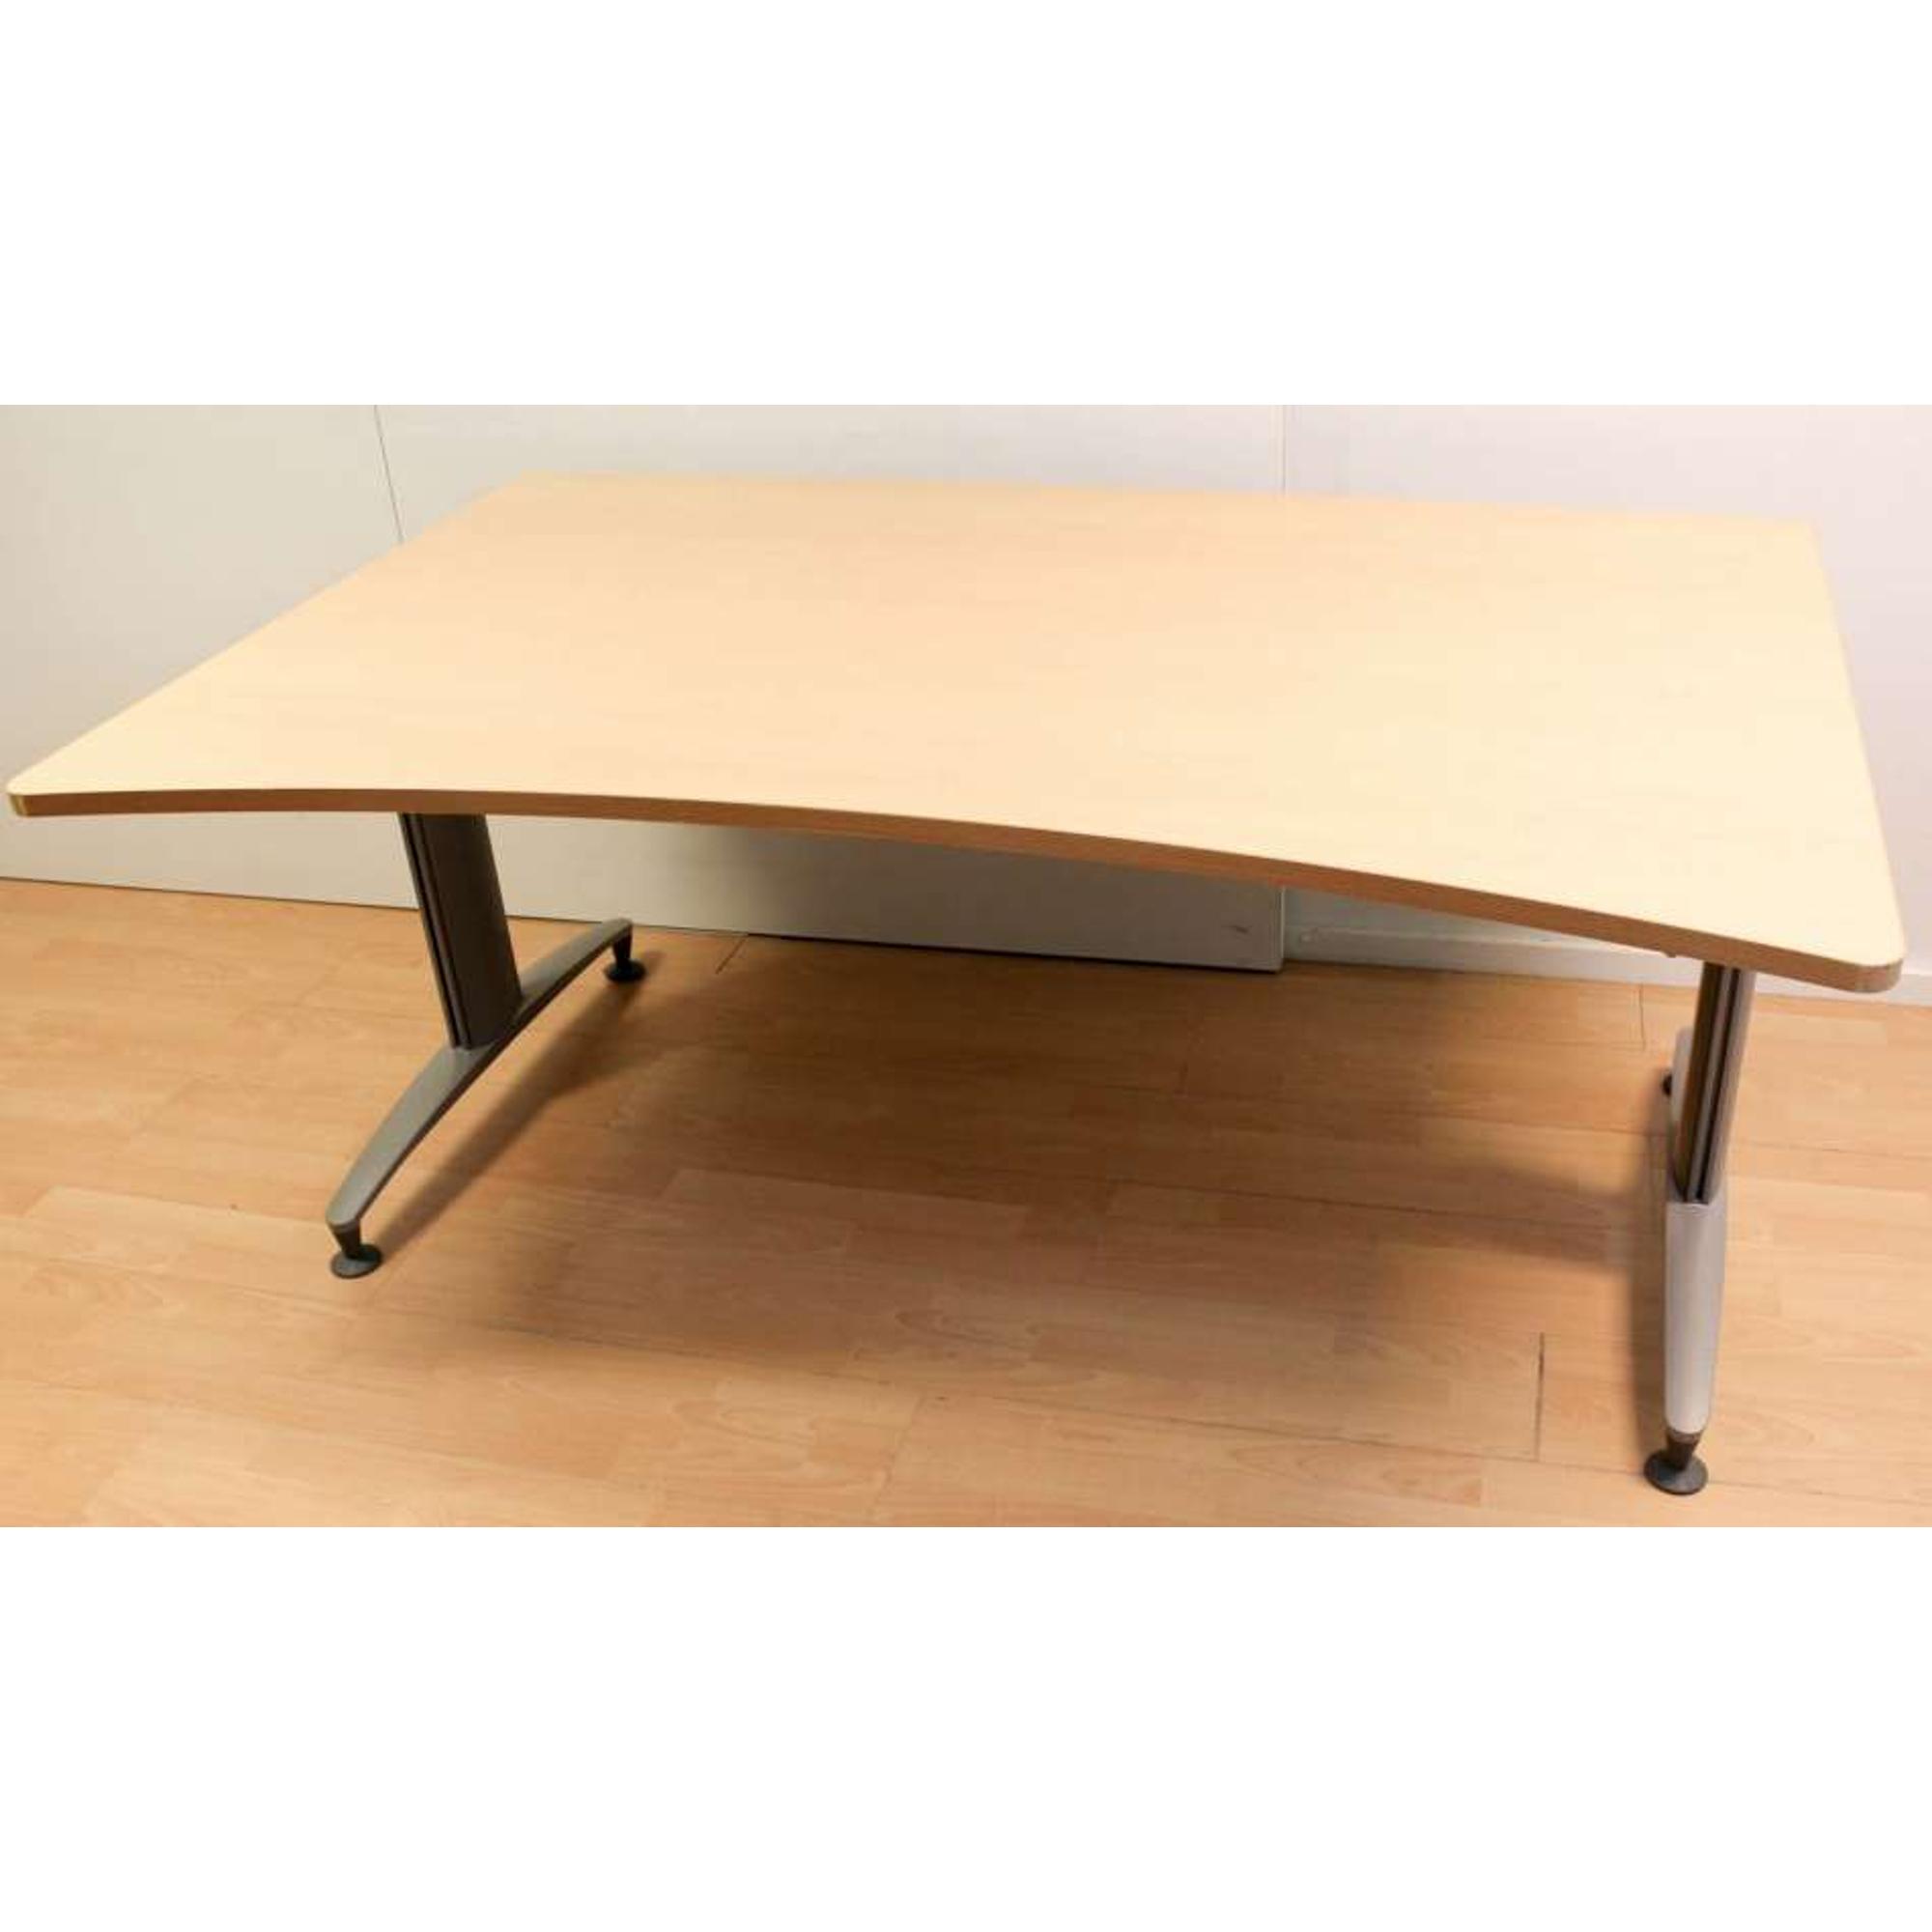 sch rf space desk schreibtisch buche hell 160 x 90 100 cm schreibtisch b rotische ks b rom bel. Black Bedroom Furniture Sets. Home Design Ideas